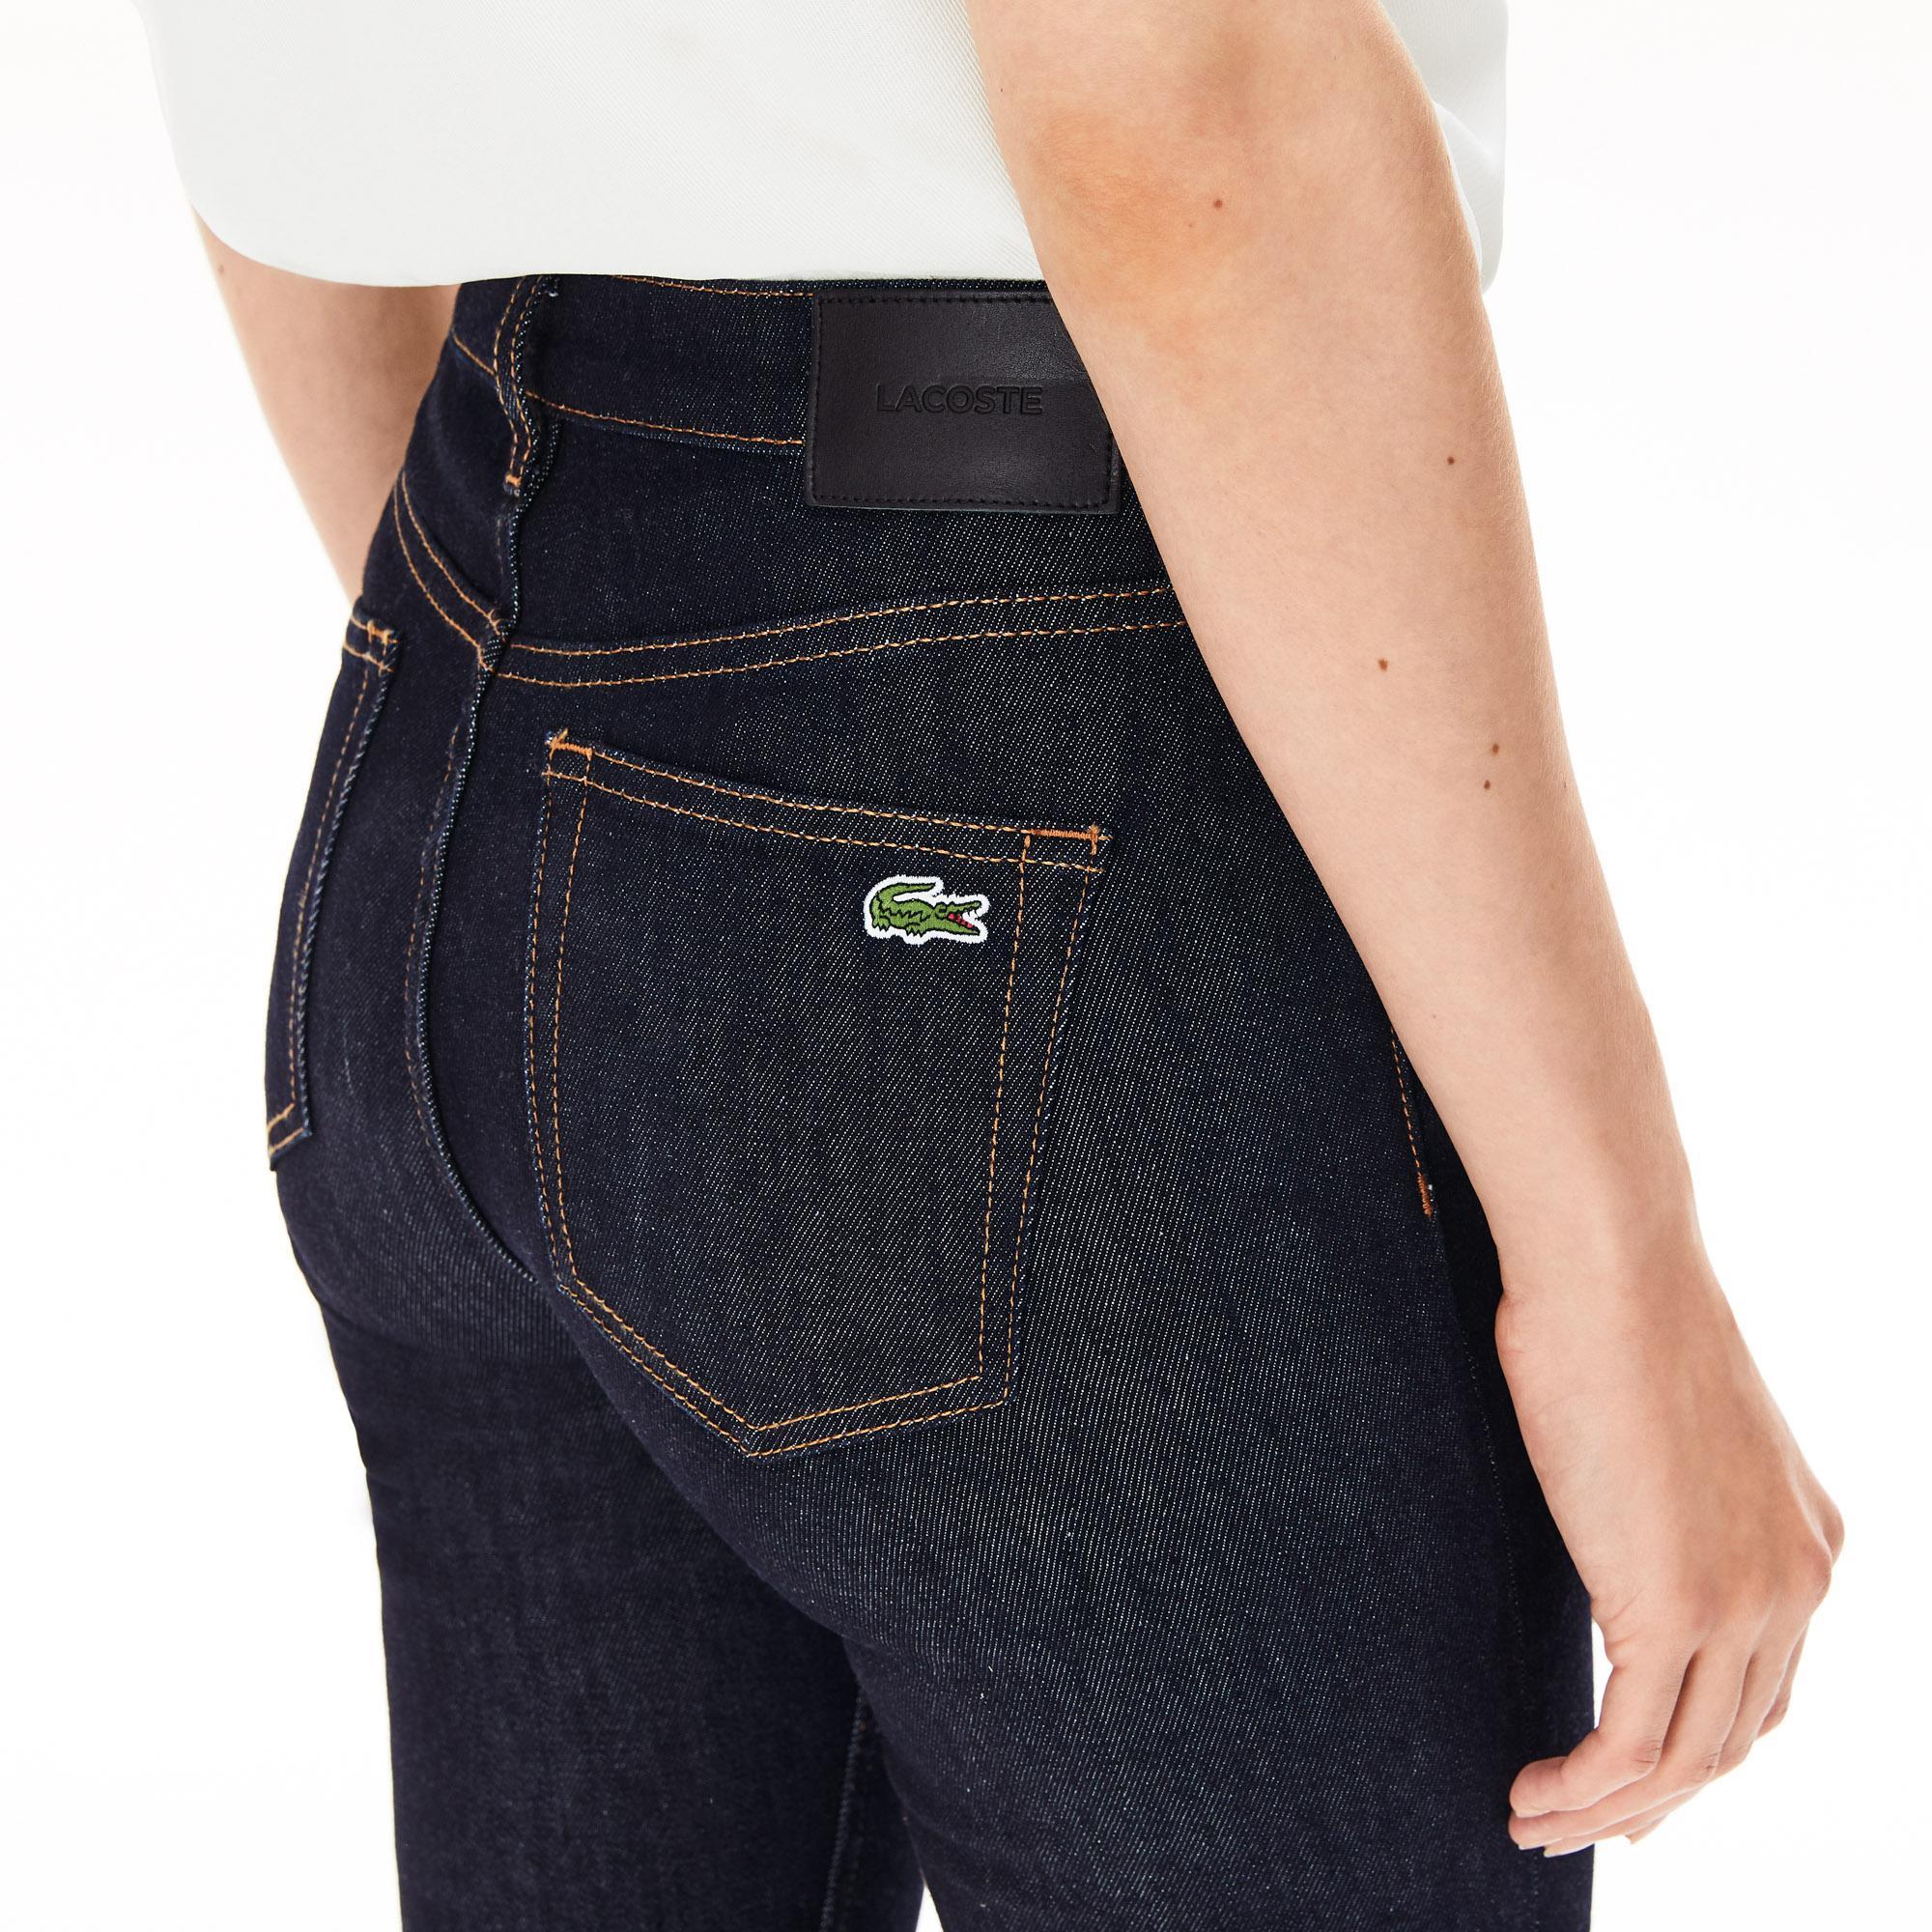 Lacoste Damskie Elastyczne Jeansy Skinny Z Bawełny